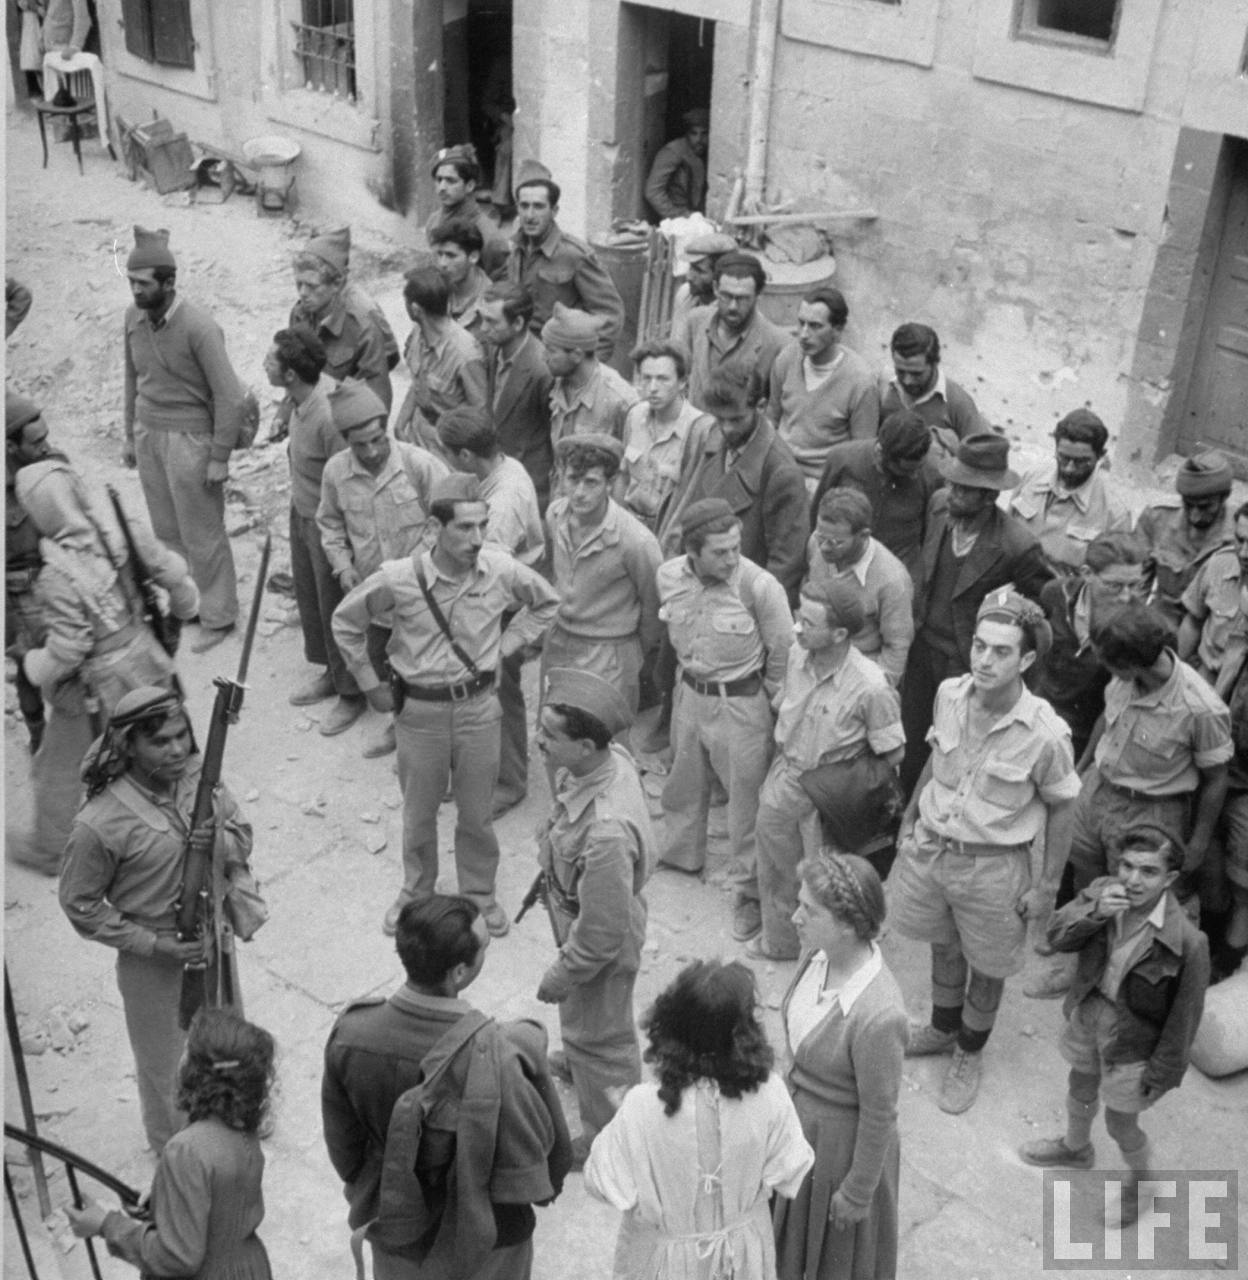 Еврейские солдаты под охраной солдат арабского легиона после их капитуляции в Иерусалиме. Июнь